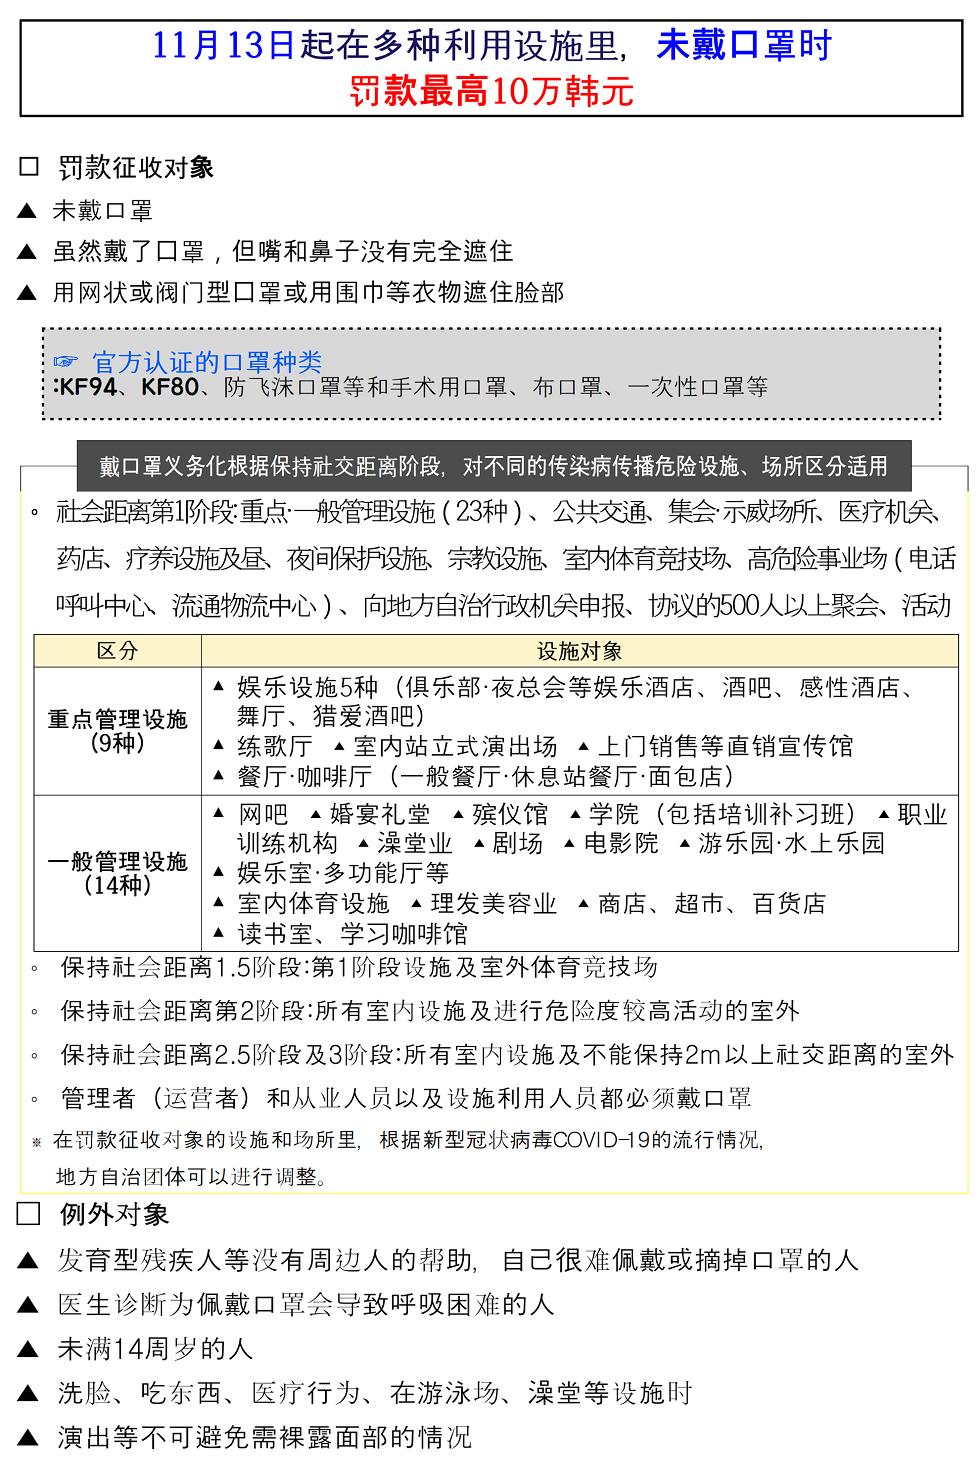 11. 【政府】未戴口罩时罚款通知_00.png